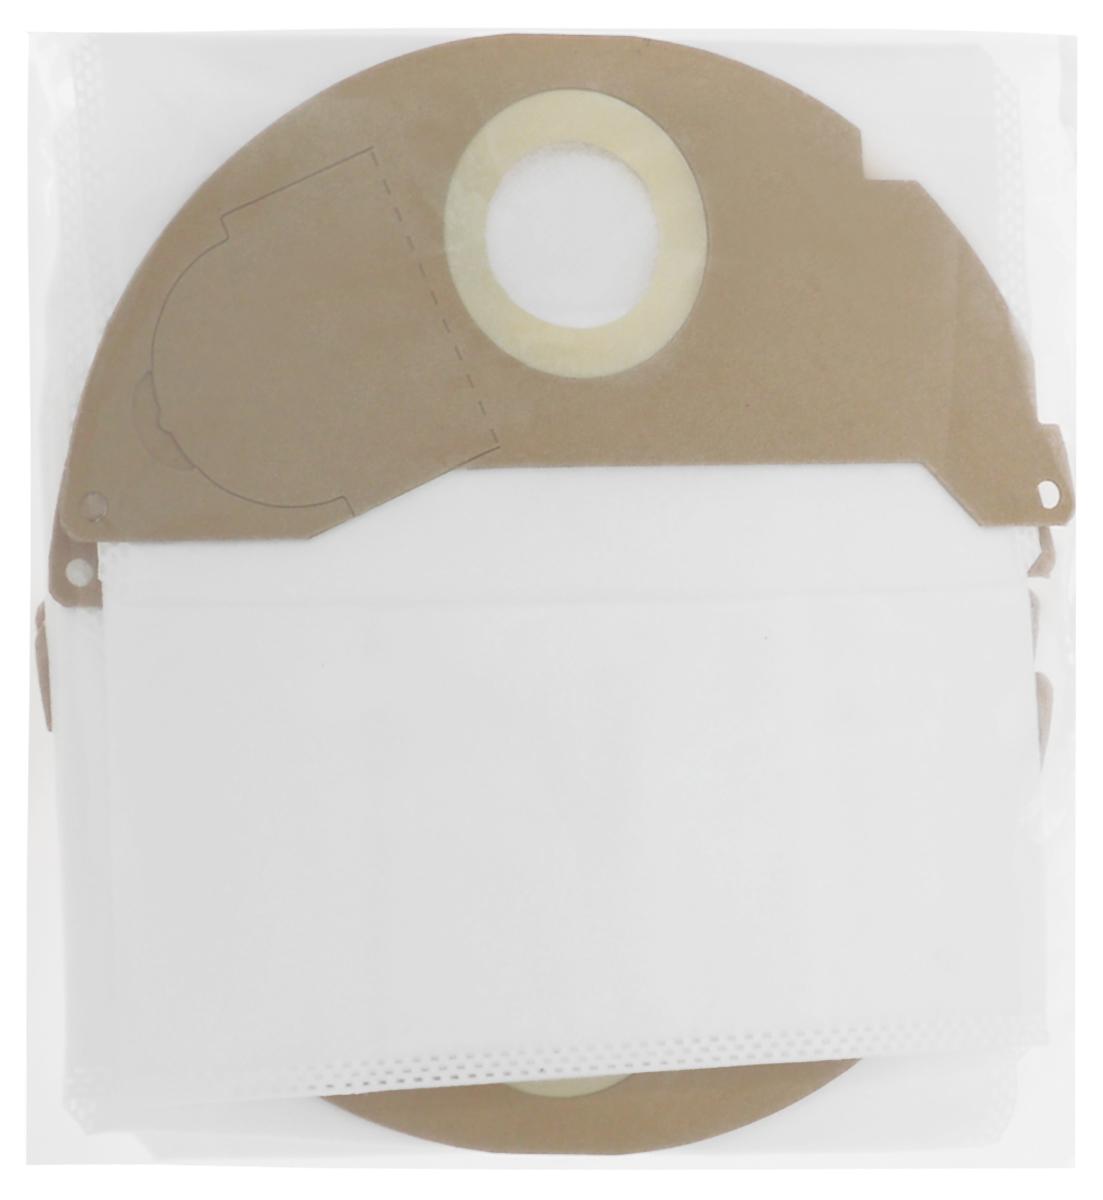 Filtero KAR 05 Pro комплект пылесборников для промышленных пылесосов, 4 штKAR 05 (4) ProМешки для промышленных пылесосов Filtero KAR 05 Pro, трехслойные, произведены из синтетического микроволокна MicroFib. Прочность синтетических мешков Filtero KAR 05 Pro превосходит любые бумажные мешки-аналоги, даже если это оригинальные бумажные мешки всемирно известных марок. Вы можете быть уверены: заклепки, гвозди, шурупы, битое стекло, острые камни и прочее не смогут прорвать мешки Filtero Pro. Мешки Filtero Pro не боятся влаги, и даже вода, попавшая в мешок, не помешает вам произвести качественную уборку! Мешки Filtero Pro предназначены для уборки пыли класса М. Подходят для следующих моделей пылесосов: KARCHER A 2000 - A 2099 серия например A 2004 A 2054 MV 2 WD 2.000 - WD 2.399 серия например WD 2.200